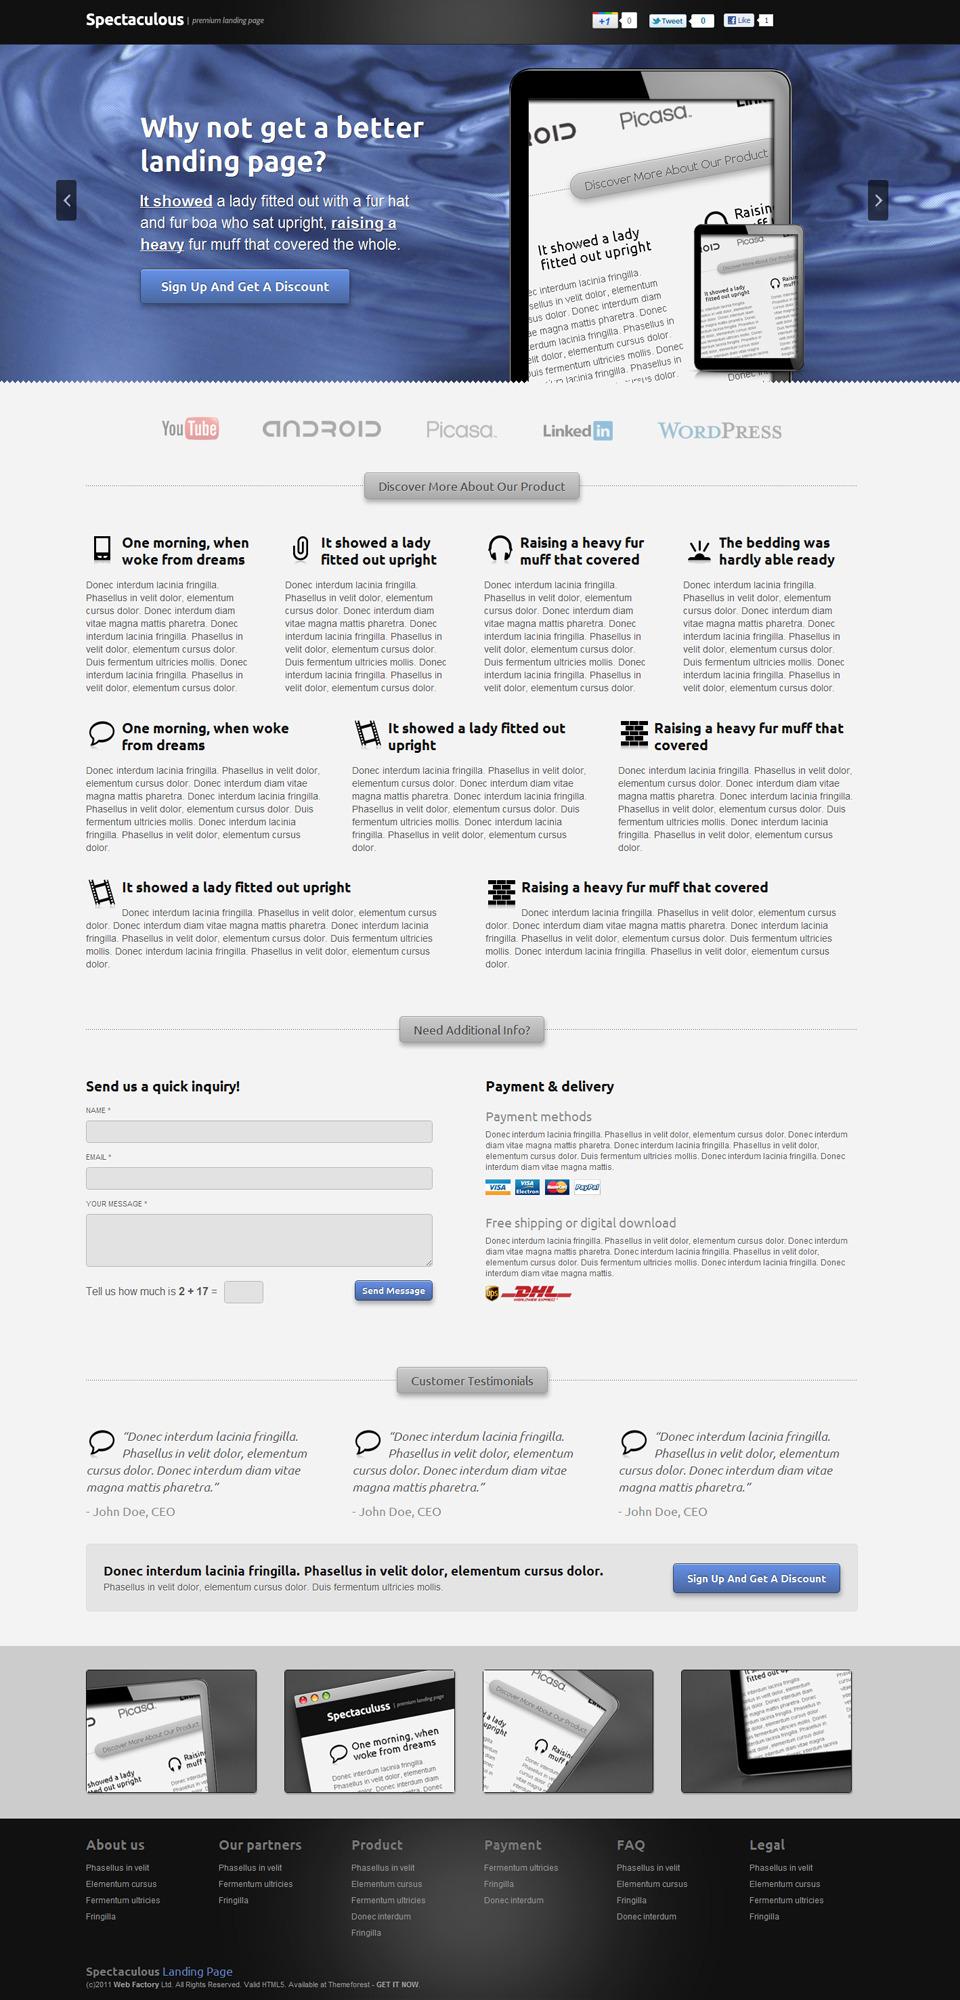 Spectaculous - Premium Landing Page